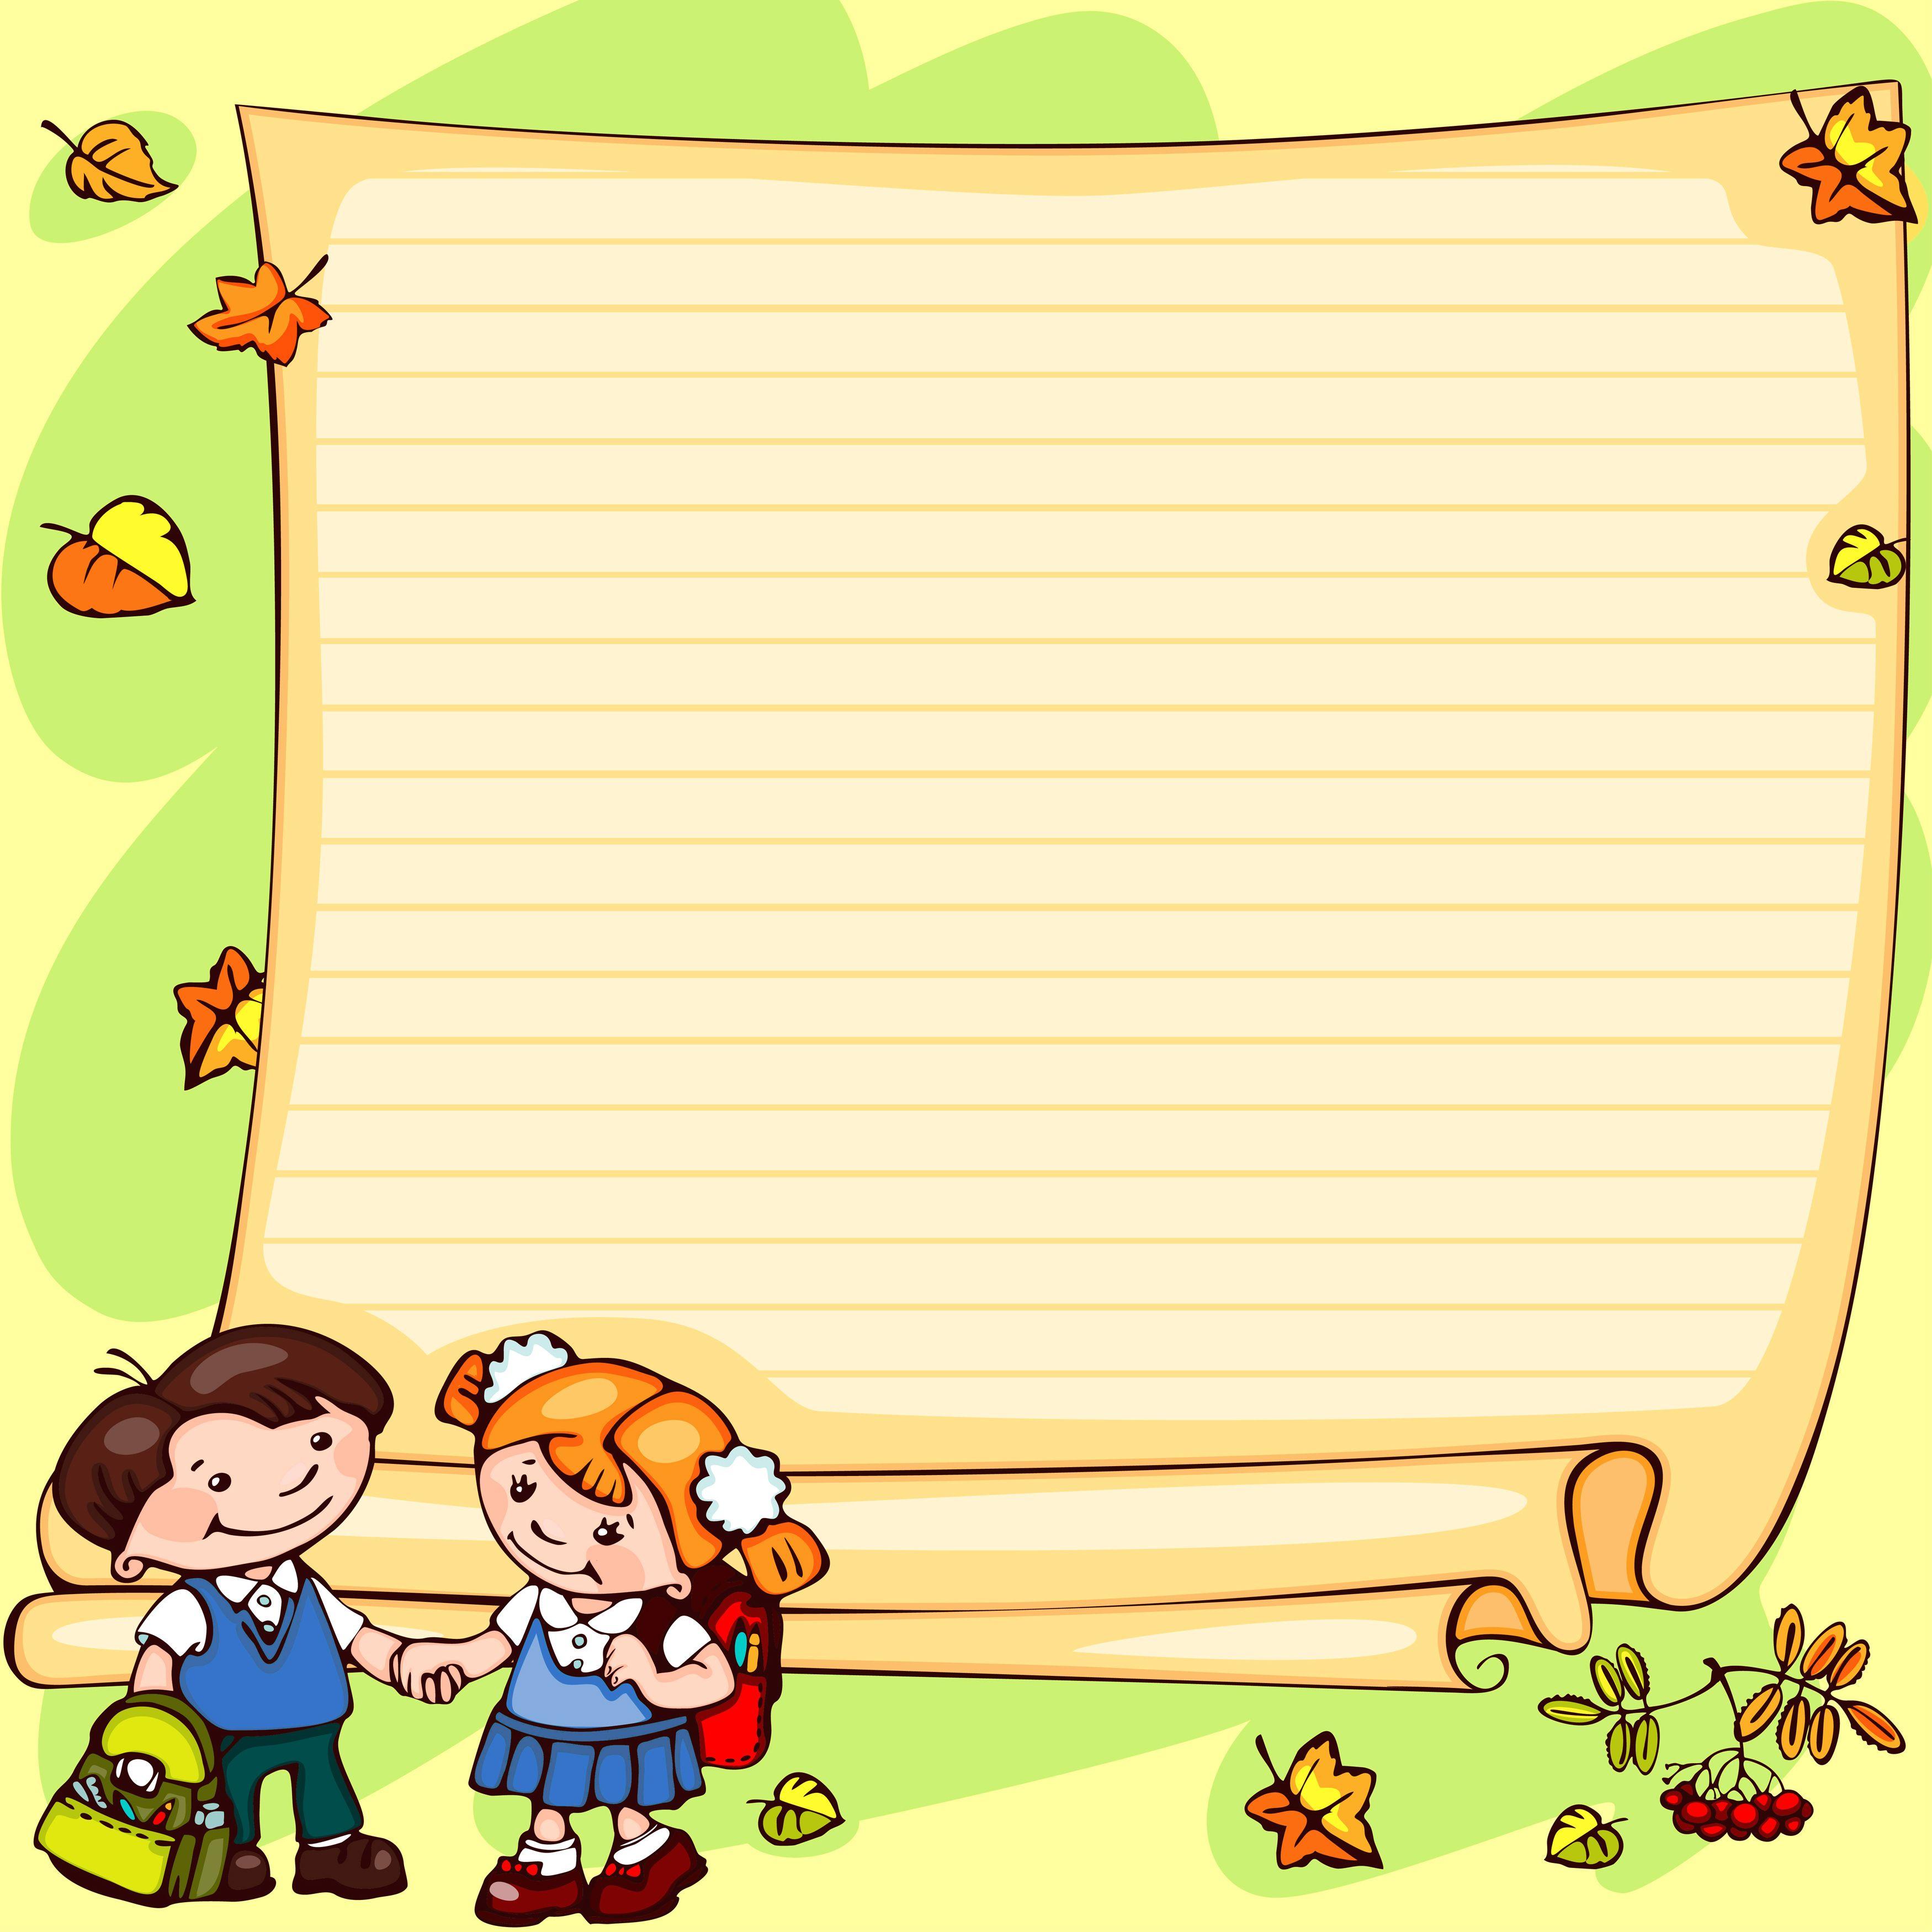 School Child Wallpaper Kids School School Clipart School Images